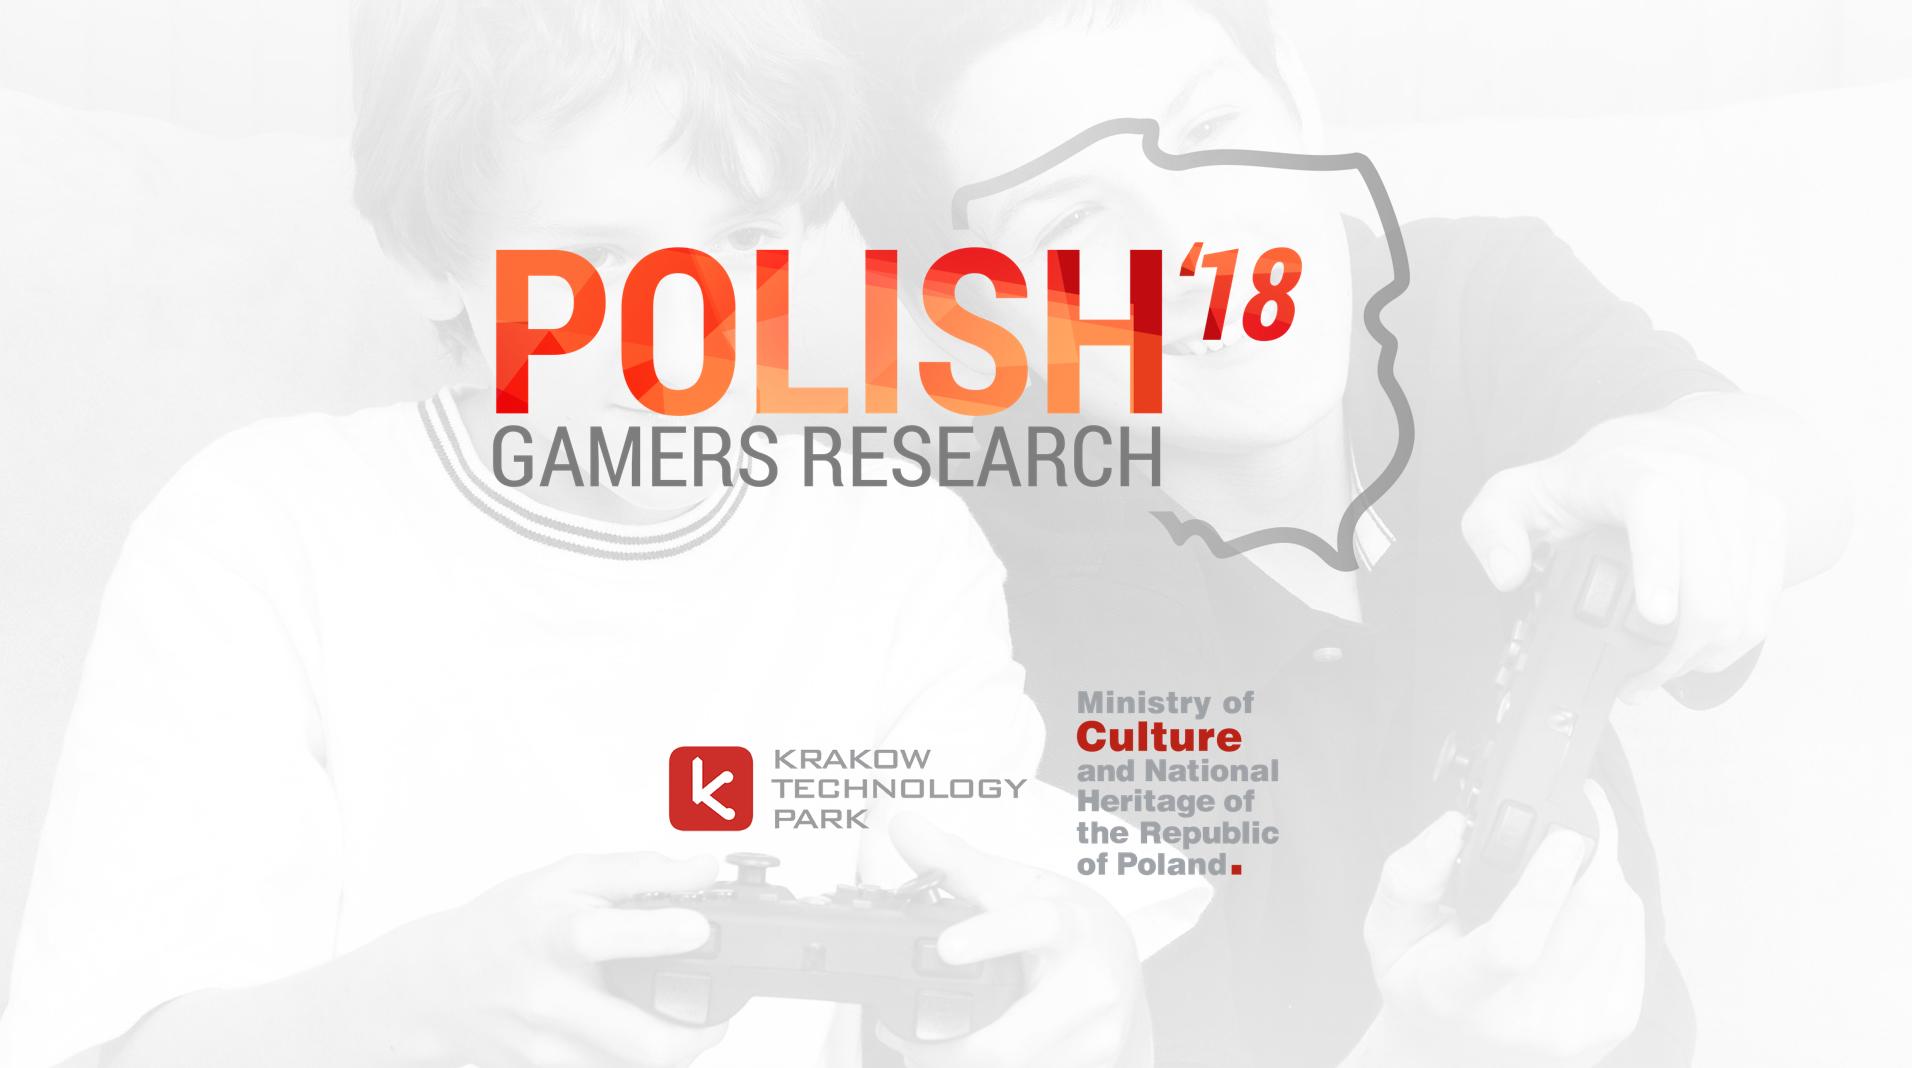 Kolejna edycja badań polskich graczy